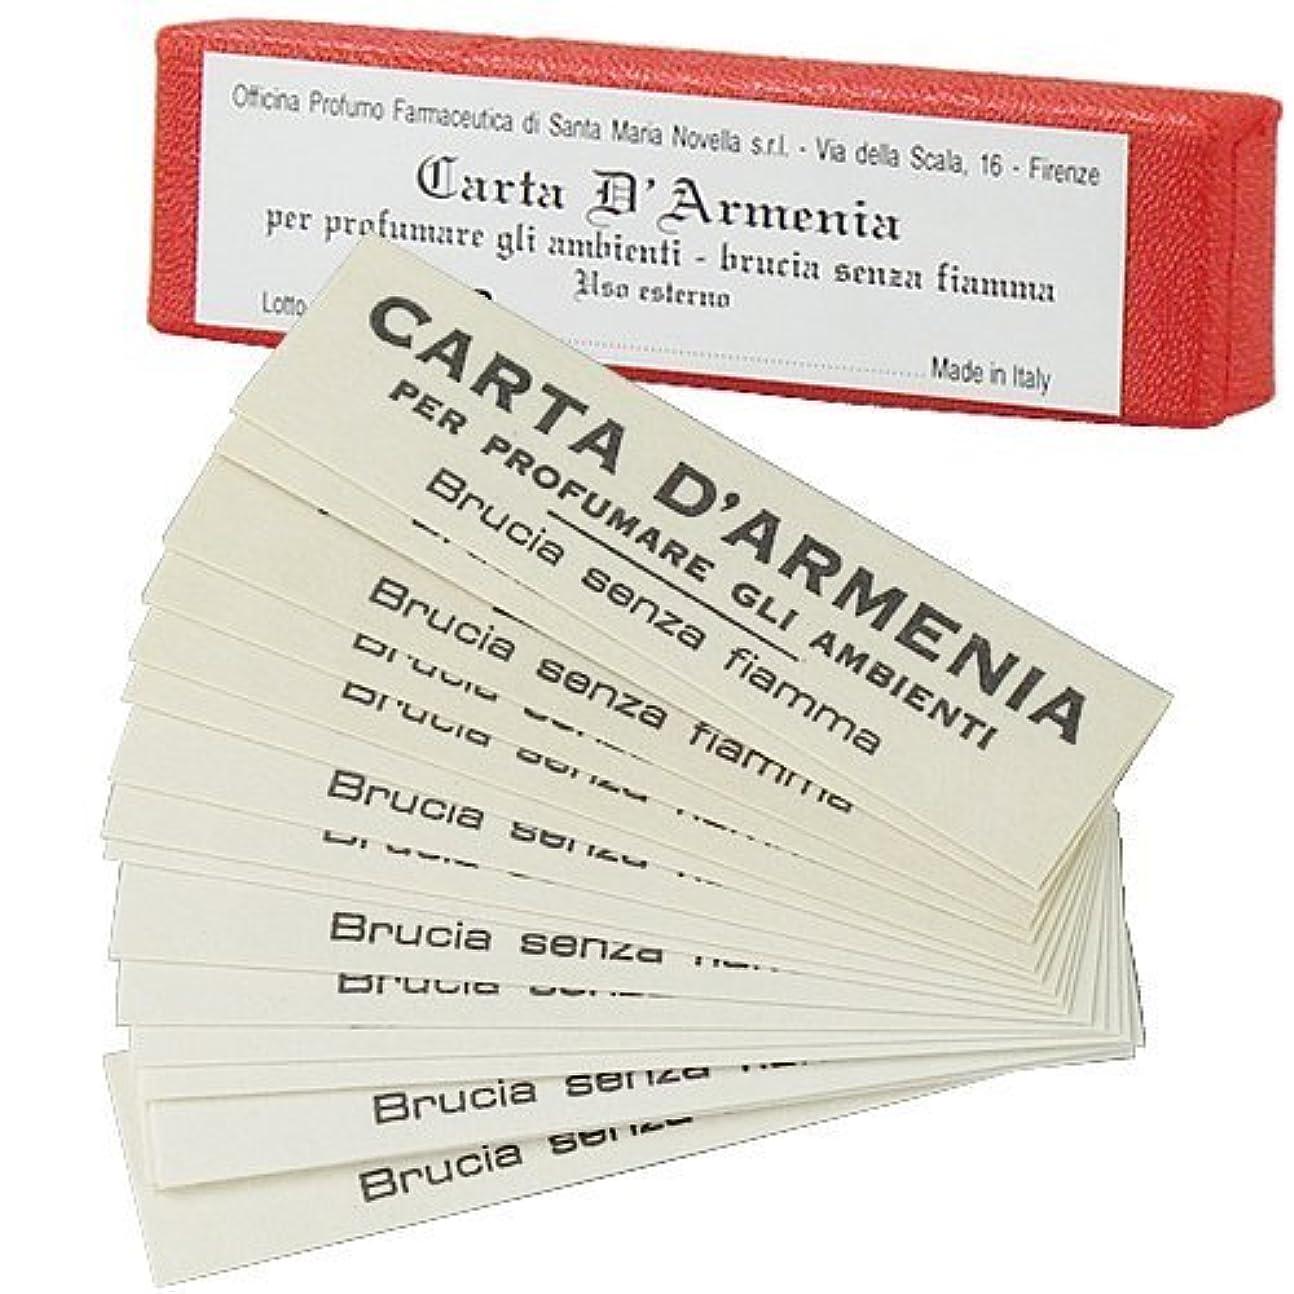 甘やかすステートメント鼻サンタマリアノヴェッラ アルメニア紙(お香) [並行輸入品] 18枚入り